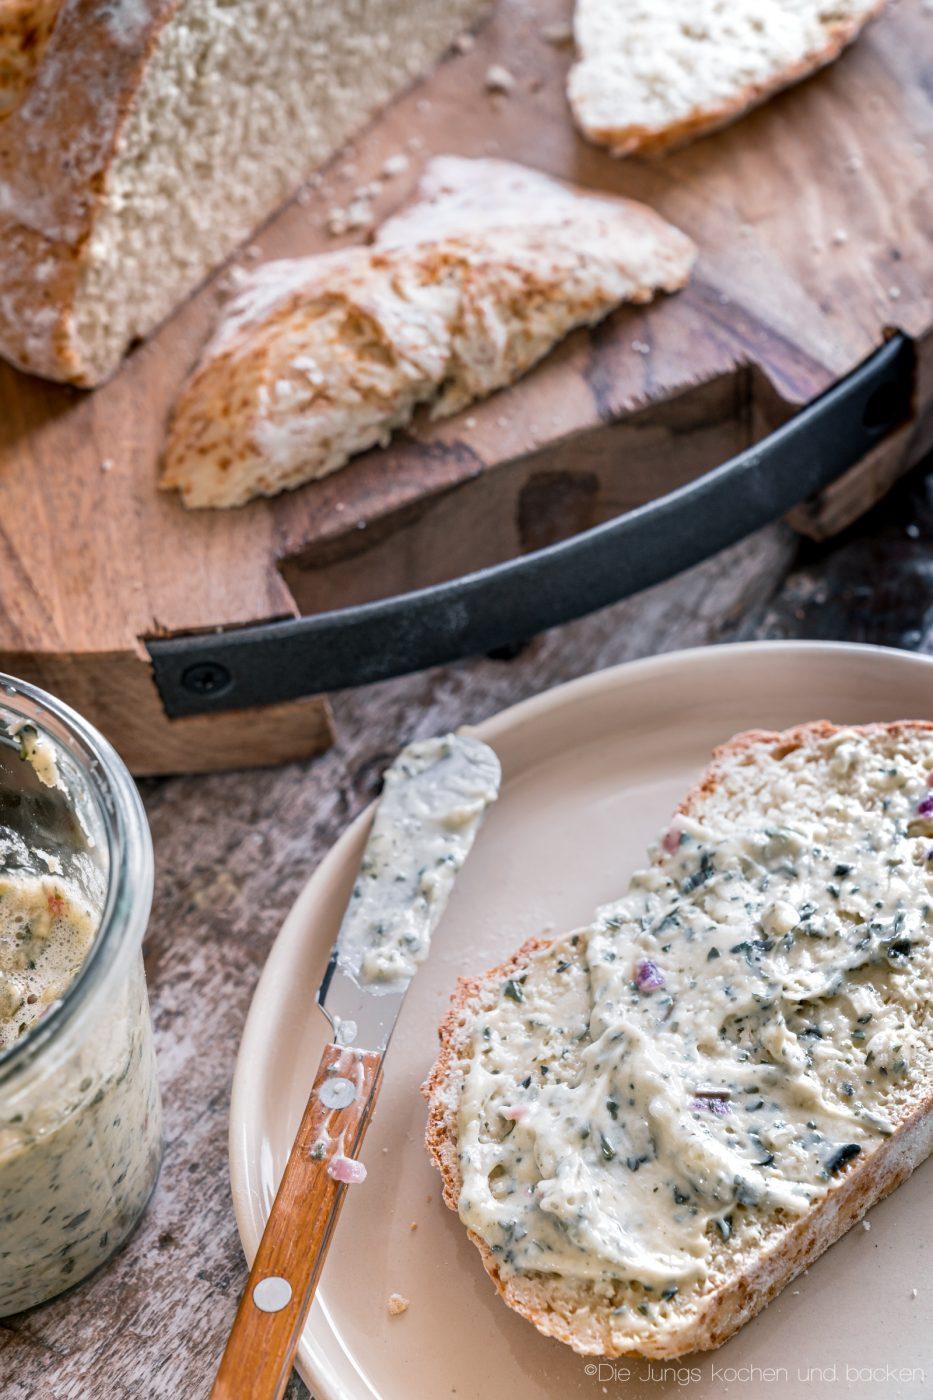 schnelles Quarkbrot ohne Hefe 6 | Brot zu backen, ist eine unserer liebsten Dinge!! Brot ist so vielfältig, unfassbar lecker und vom Duft beim Backen, fangen wir gar nicht erst an. Jetzt ist ein Brot nicht immer schnell gemacht, aber das muss nicht sein. Wenn es mal flott gehen soll, keine Hefe im Haus ist oder es Sonntag ist und alle Geschäfte geschlossen haben?? - Unser schnelles Quarkbrot ist die Lösung!